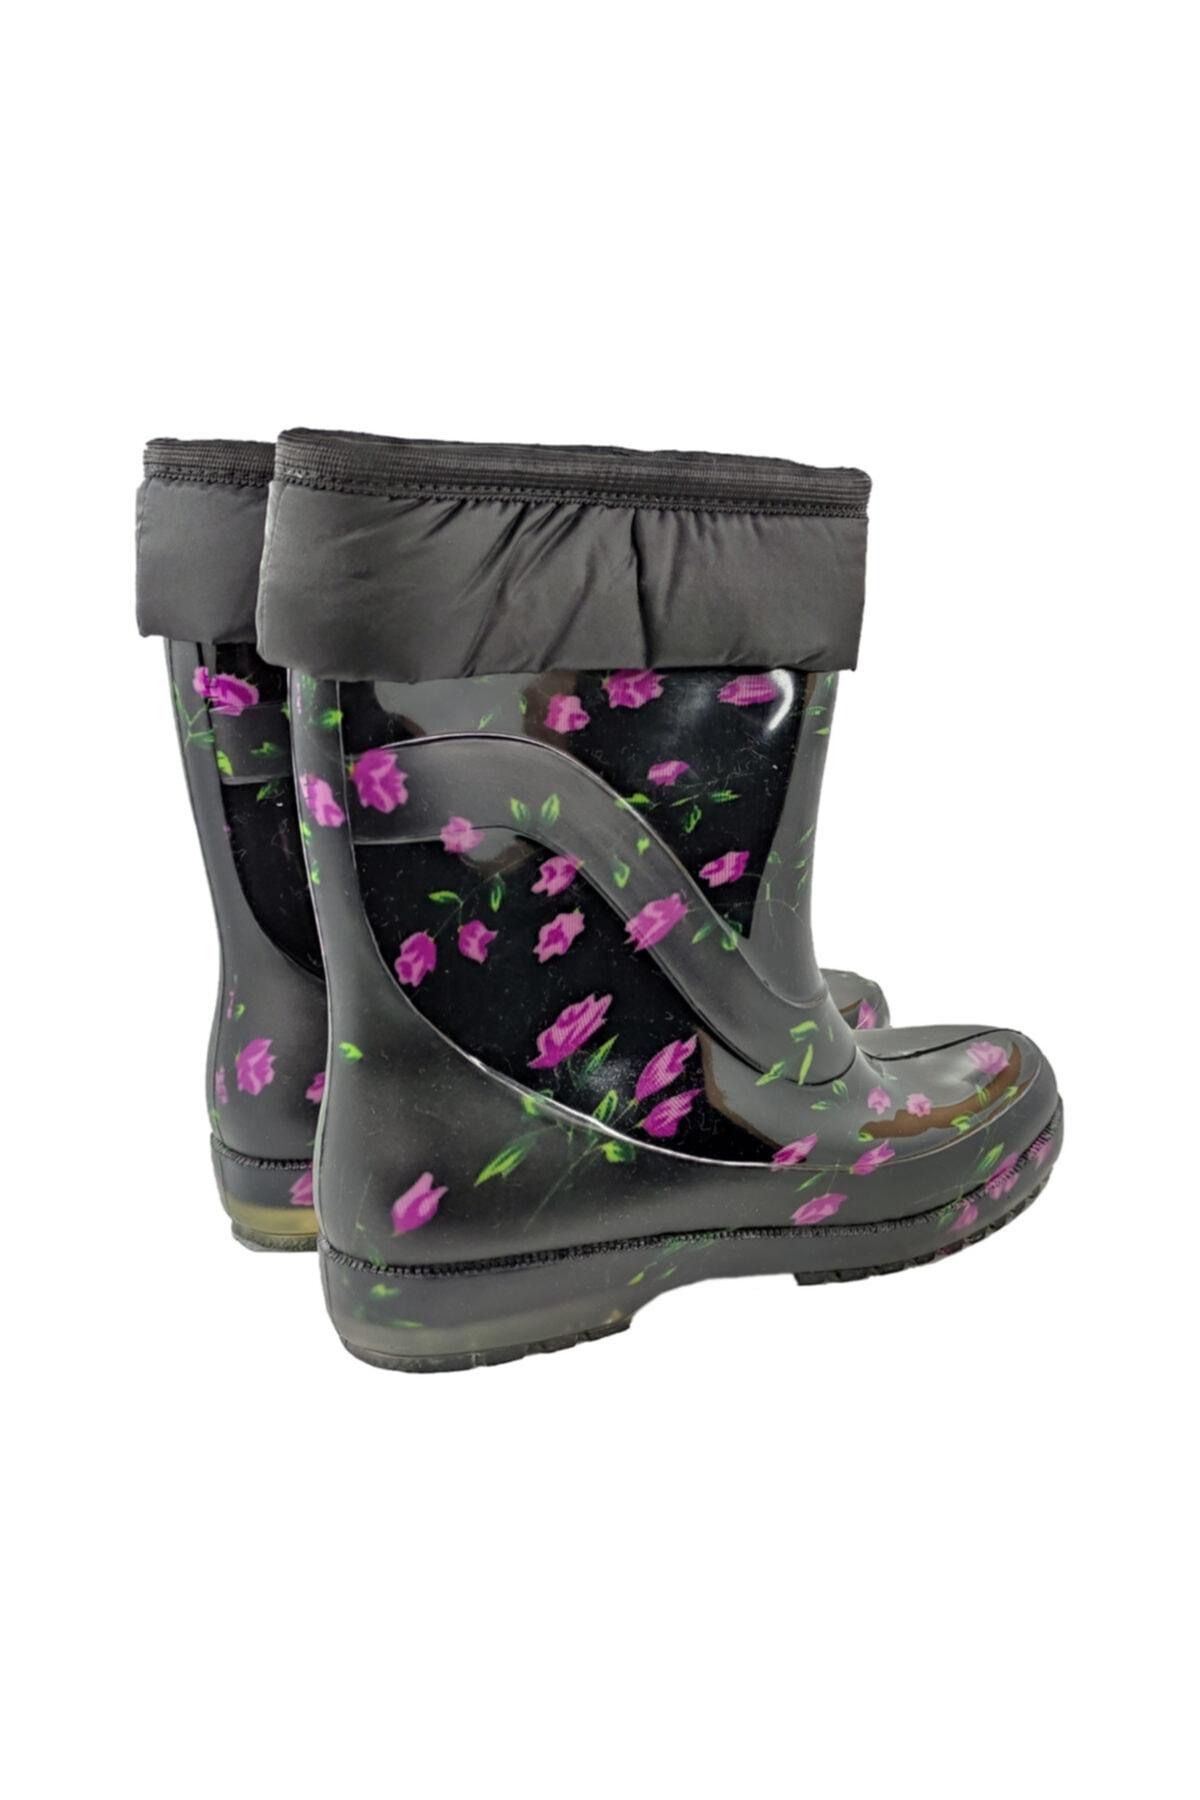 fafatara Mor Çiçekli Yünlü Çizme Kar & Yağmur Çizmesi 2